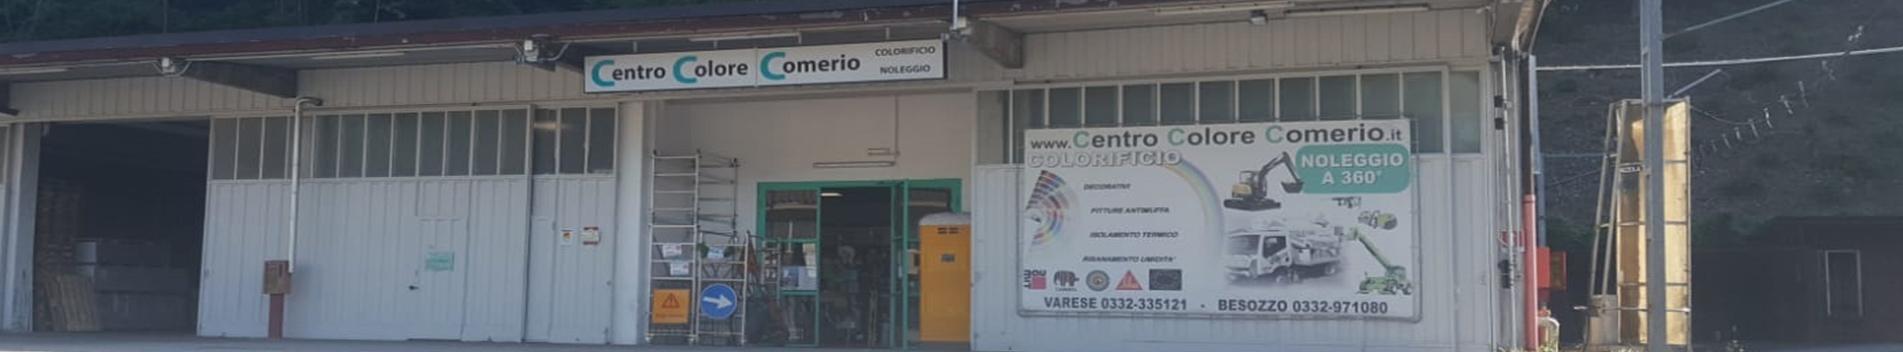 Centro Colore Comerio sede di Varese